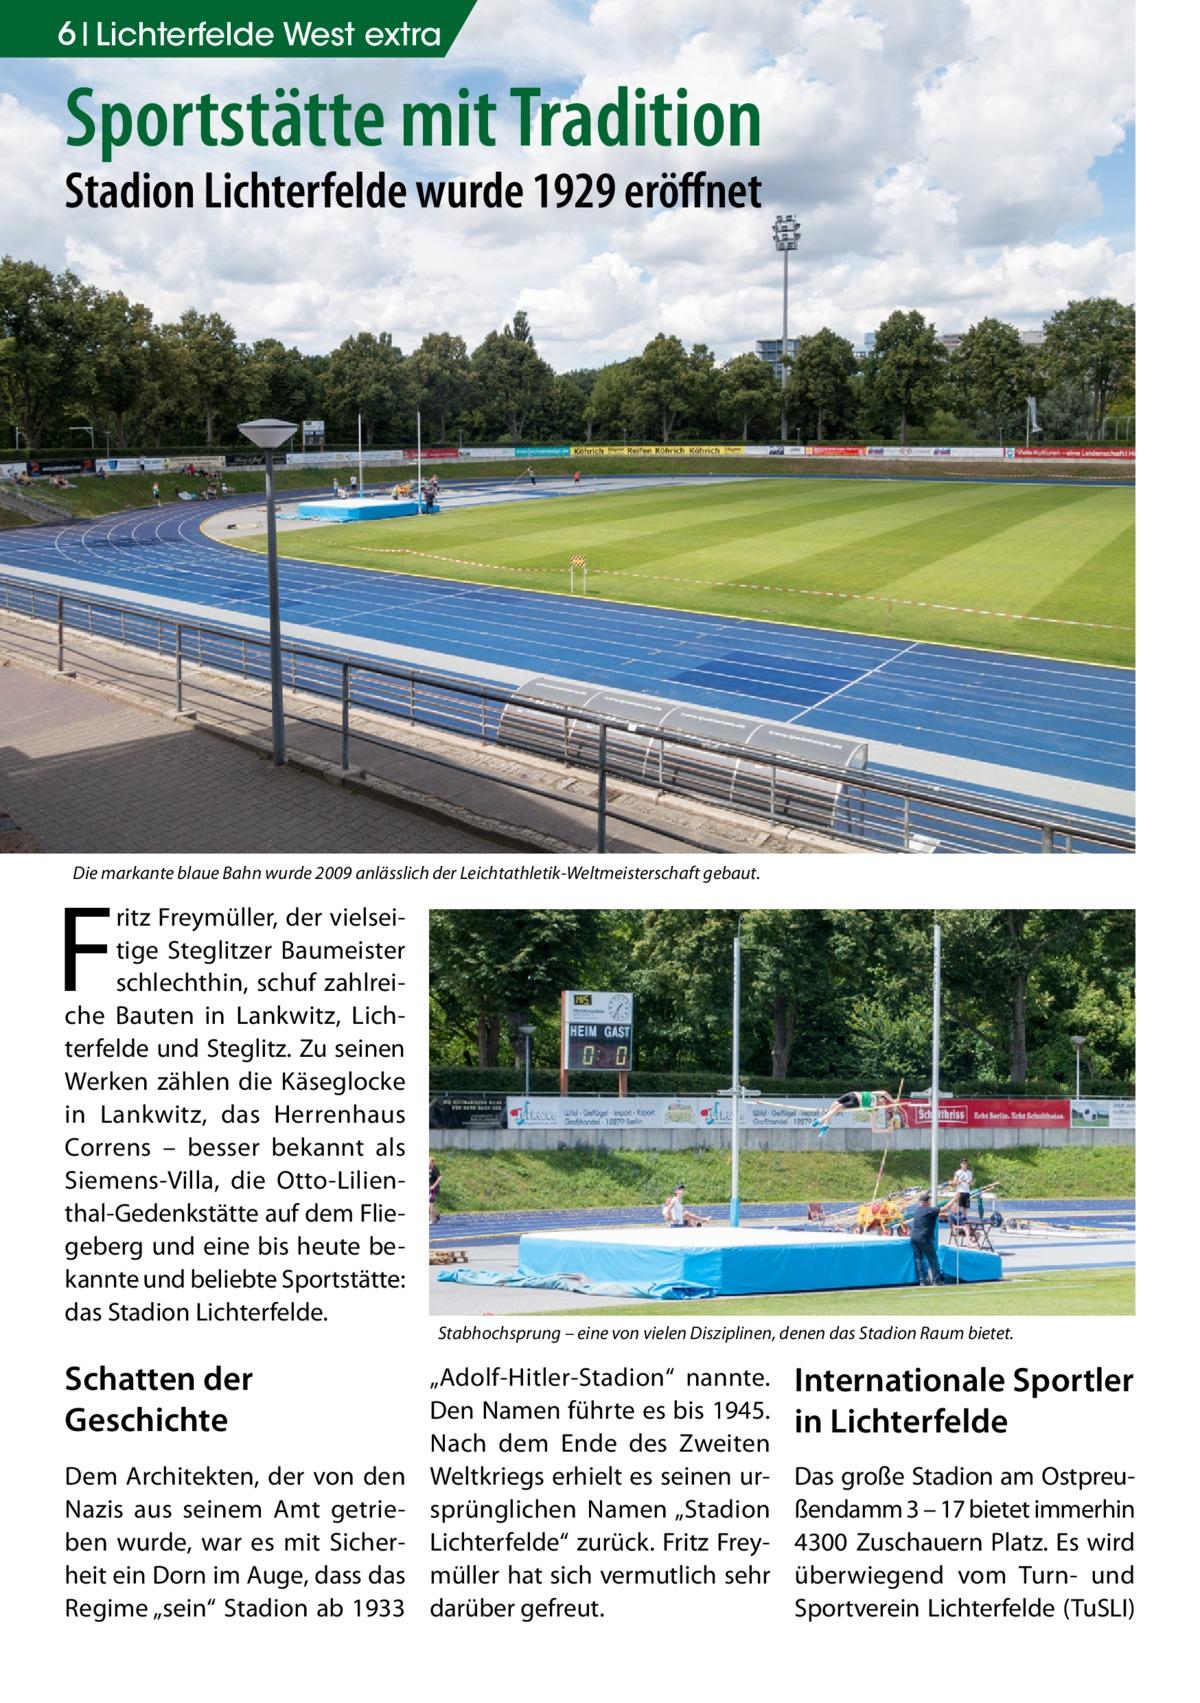 """6 Lichterfelde West extra  Sportstätte mit Tradition Stadion Lichterfelde wurde 1929 eröffnet  Die markante blaue Bahn wurde 2009 anlässlich der Leichtathletik-Weltmeisterschaft gebaut.  F  ritz Freymüller, der vielseitige Steglitzer Baumeister schlechthin, schuf zahlreiche Bauten in Lankwitz, Lichterfelde und Steglitz. Zu seinen Werken zählen die Käseglocke in Lankwitz, das Herrenhaus Correns – besser bekannt als Siemens-Villa, die Otto-Lilienthal-Gedenkstätte auf dem Fliegeberg und eine bis heute bekannte und beliebte Sportstätte: das Stadion Lichterfelde.  Schatten der Geschichte Dem Architekten, der von den Nazis aus seinem Amt getrieben wurde, war es mit Sicherheit ein Dorn im Auge, dass das Regime """"sein"""" Stadion ab 1933  Stabhochsprung – eine von vielen Disziplinen, denen das Stadion Raum bietet.  """"Adolf-Hitler-Stadion"""" nannte. Den Namen führte es bis 1945. Nach dem Ende des Zweiten Weltkriegs erhielt es seinen ursprünglichen Namen """"Stadion Lichterfelde"""" zurück. Fritz Freymüller hat sich vermutlich sehr darüber gefreut.  Internationale Sportler in Lichterfelde Das große Stadion am Ostpreußendamm 3 – 17 bietet immerhin 4300 Zuschauern Platz. Es wird überwiegend vom Turn- und Sportverein Lichterfelde (TuSLI)"""